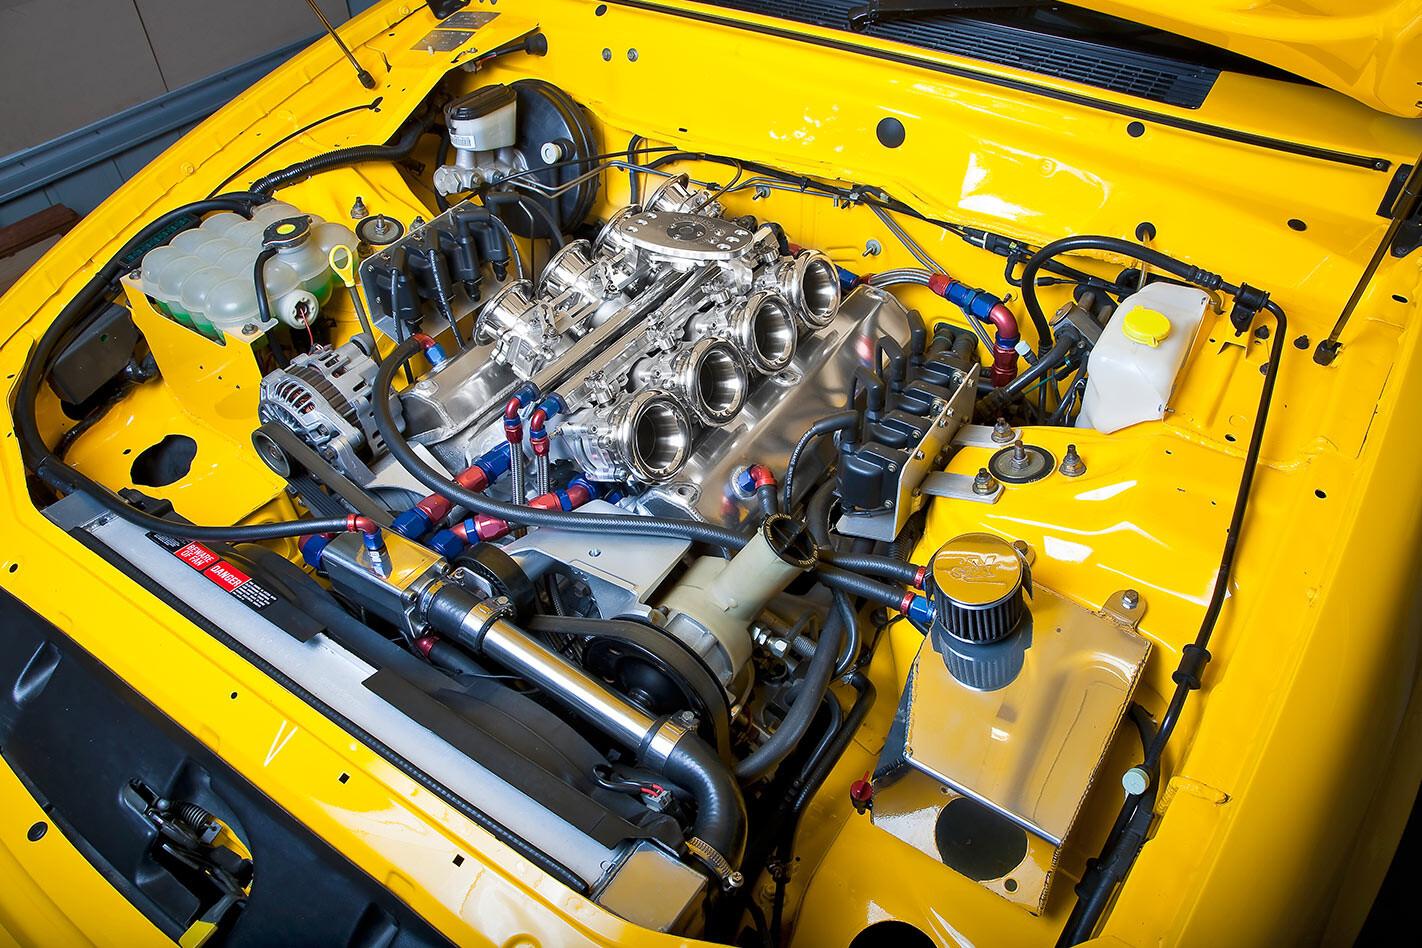 Ford Falcon XR8 ute engine bay